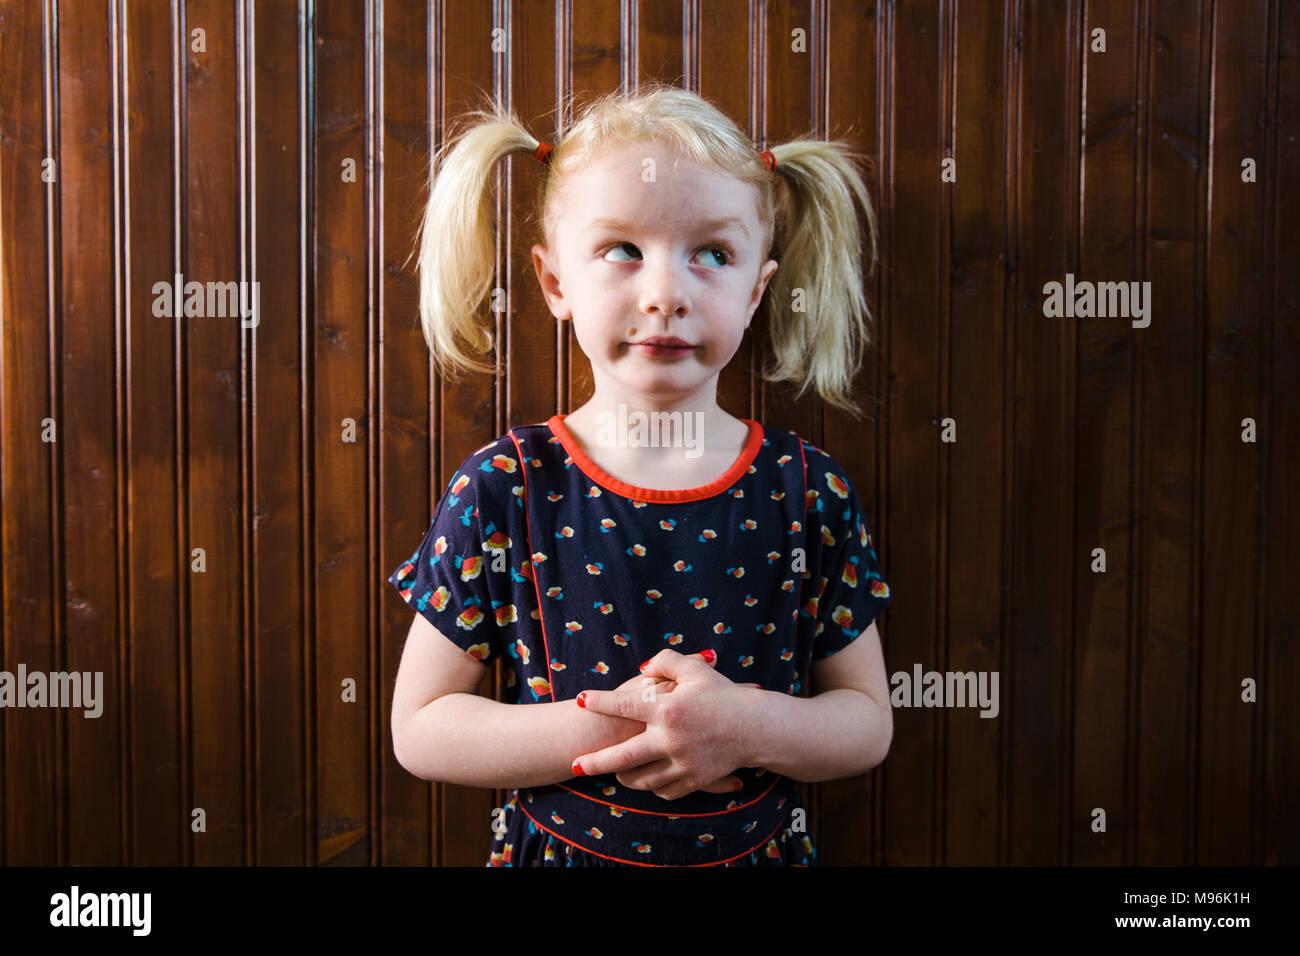 Fille avec des tresses pulling faces Photo Stock